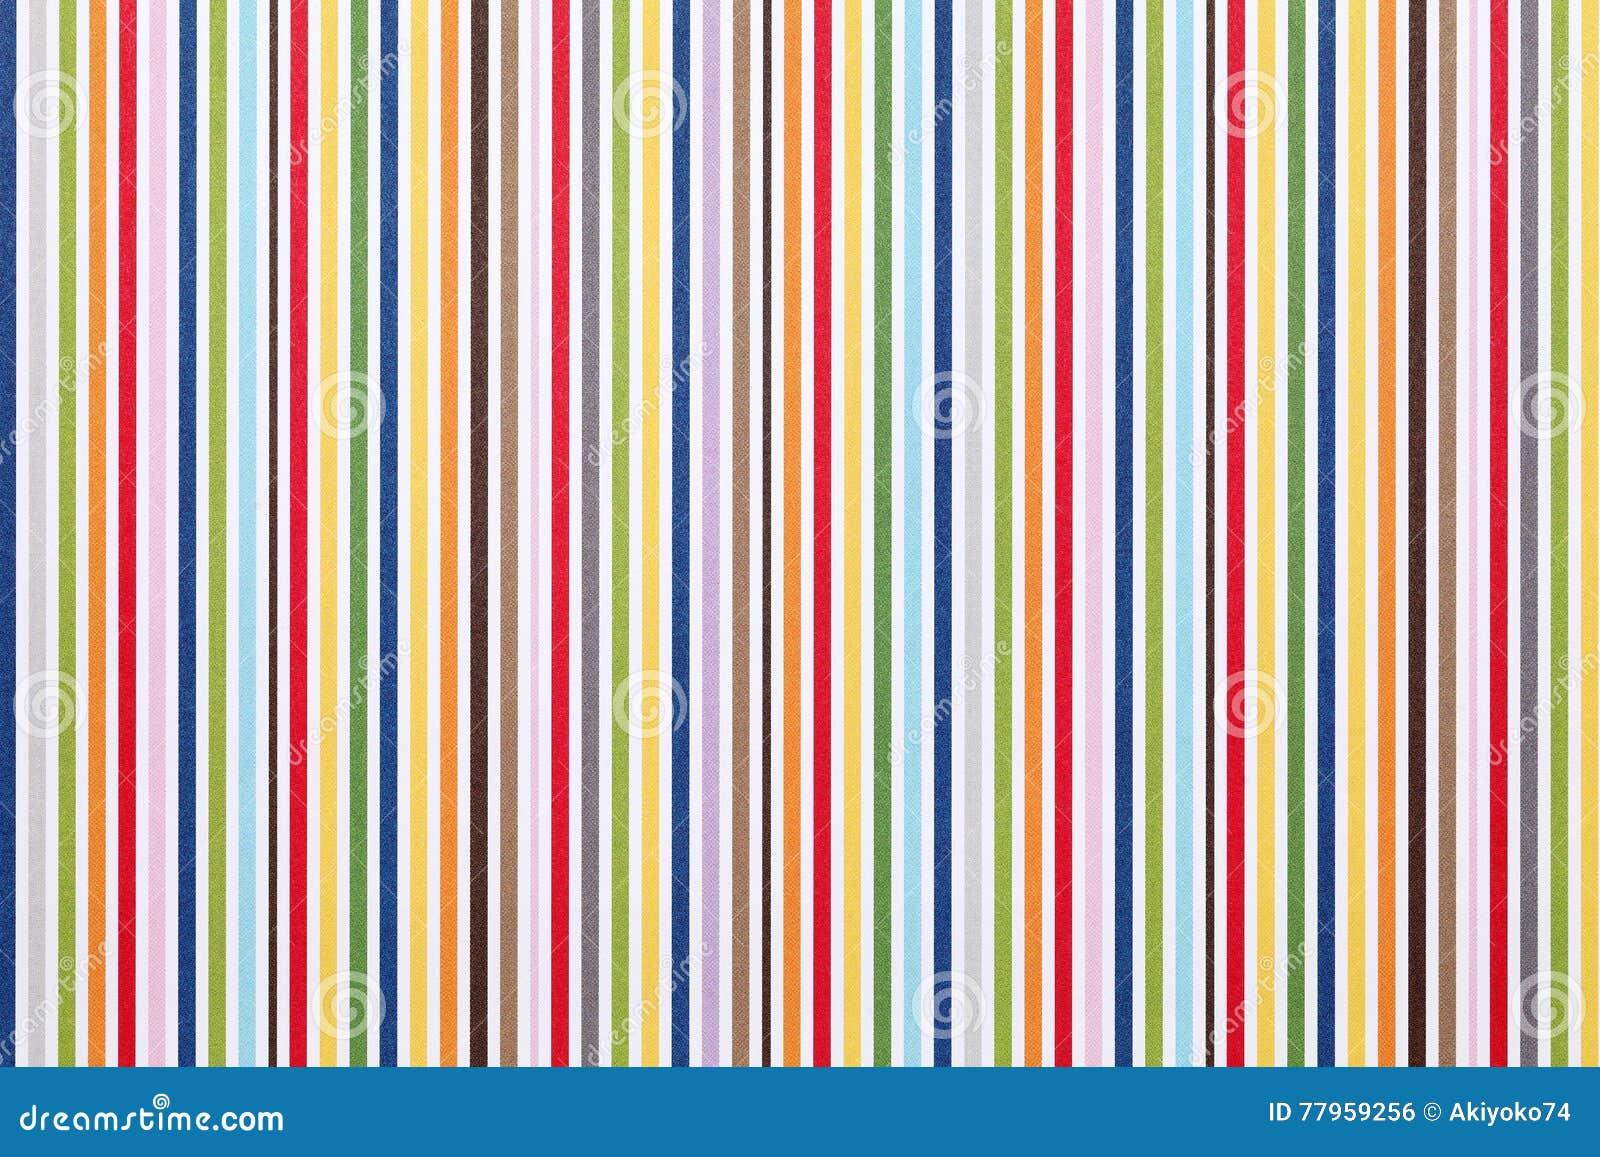 Stripe pattern paper